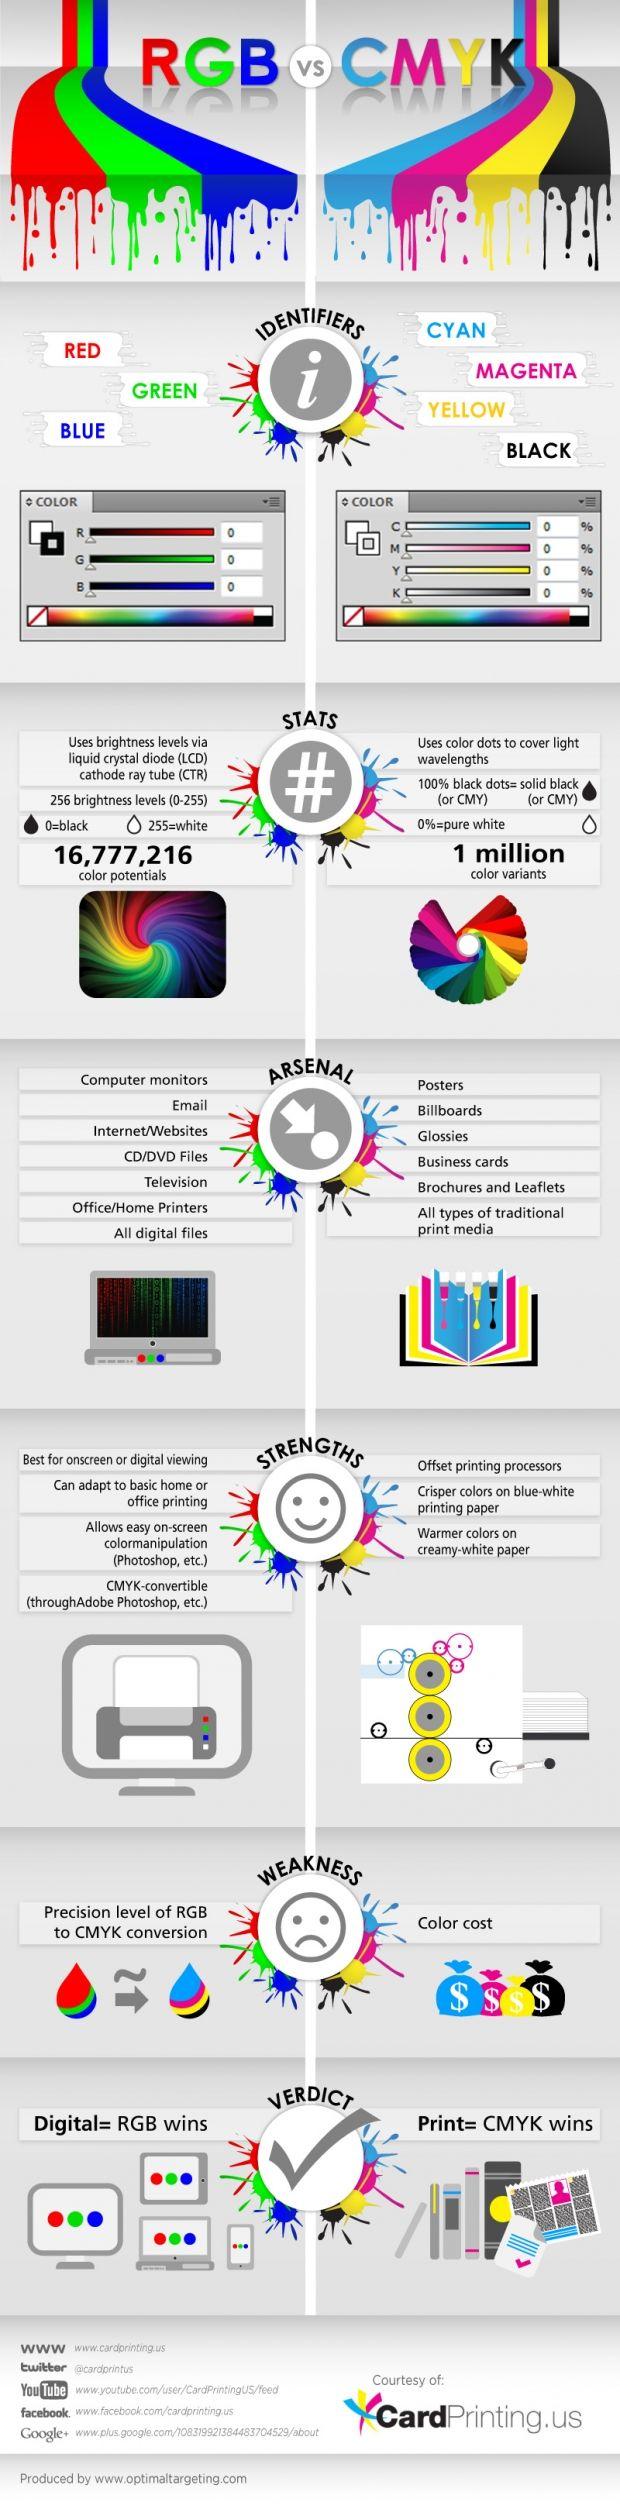 RGB vs. CMYK via DesignTAXI